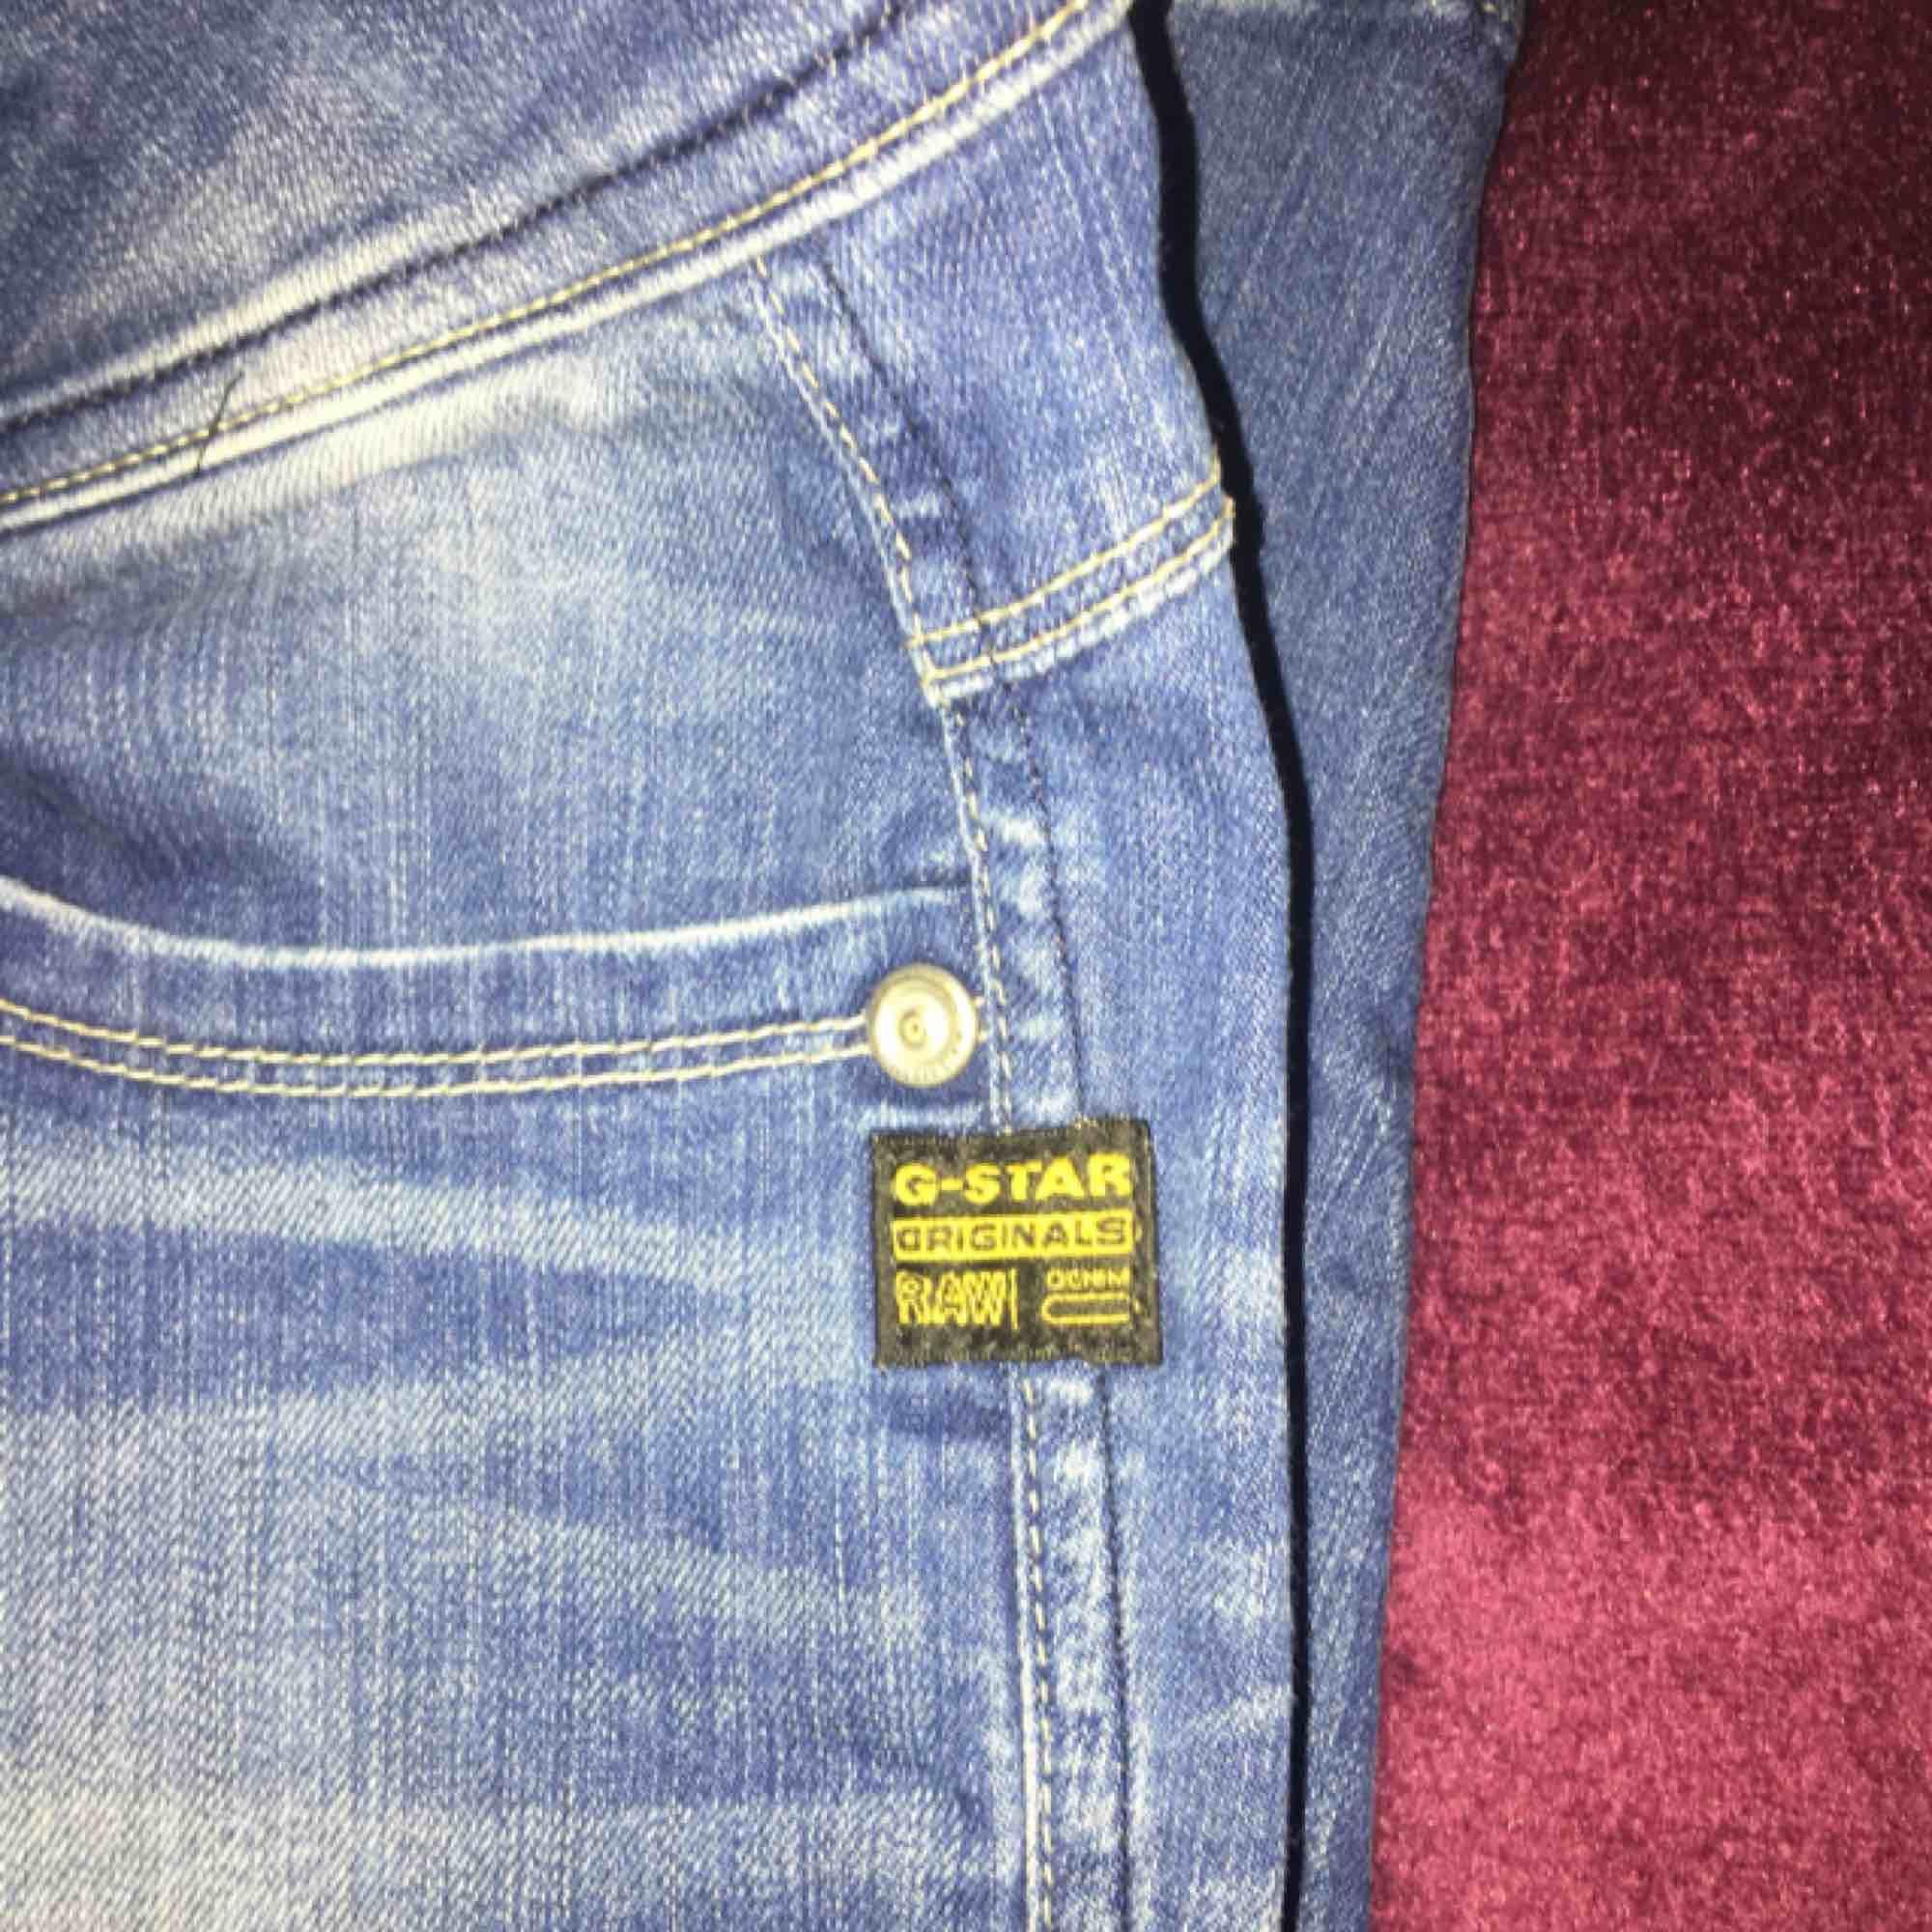 Säljer mina gstar byxor. Köpta för 1100kr på gstar butiken i gallerian. Pris kan diskuteras. Skriv om ni har någon fundering.  . Jeans & Byxor.